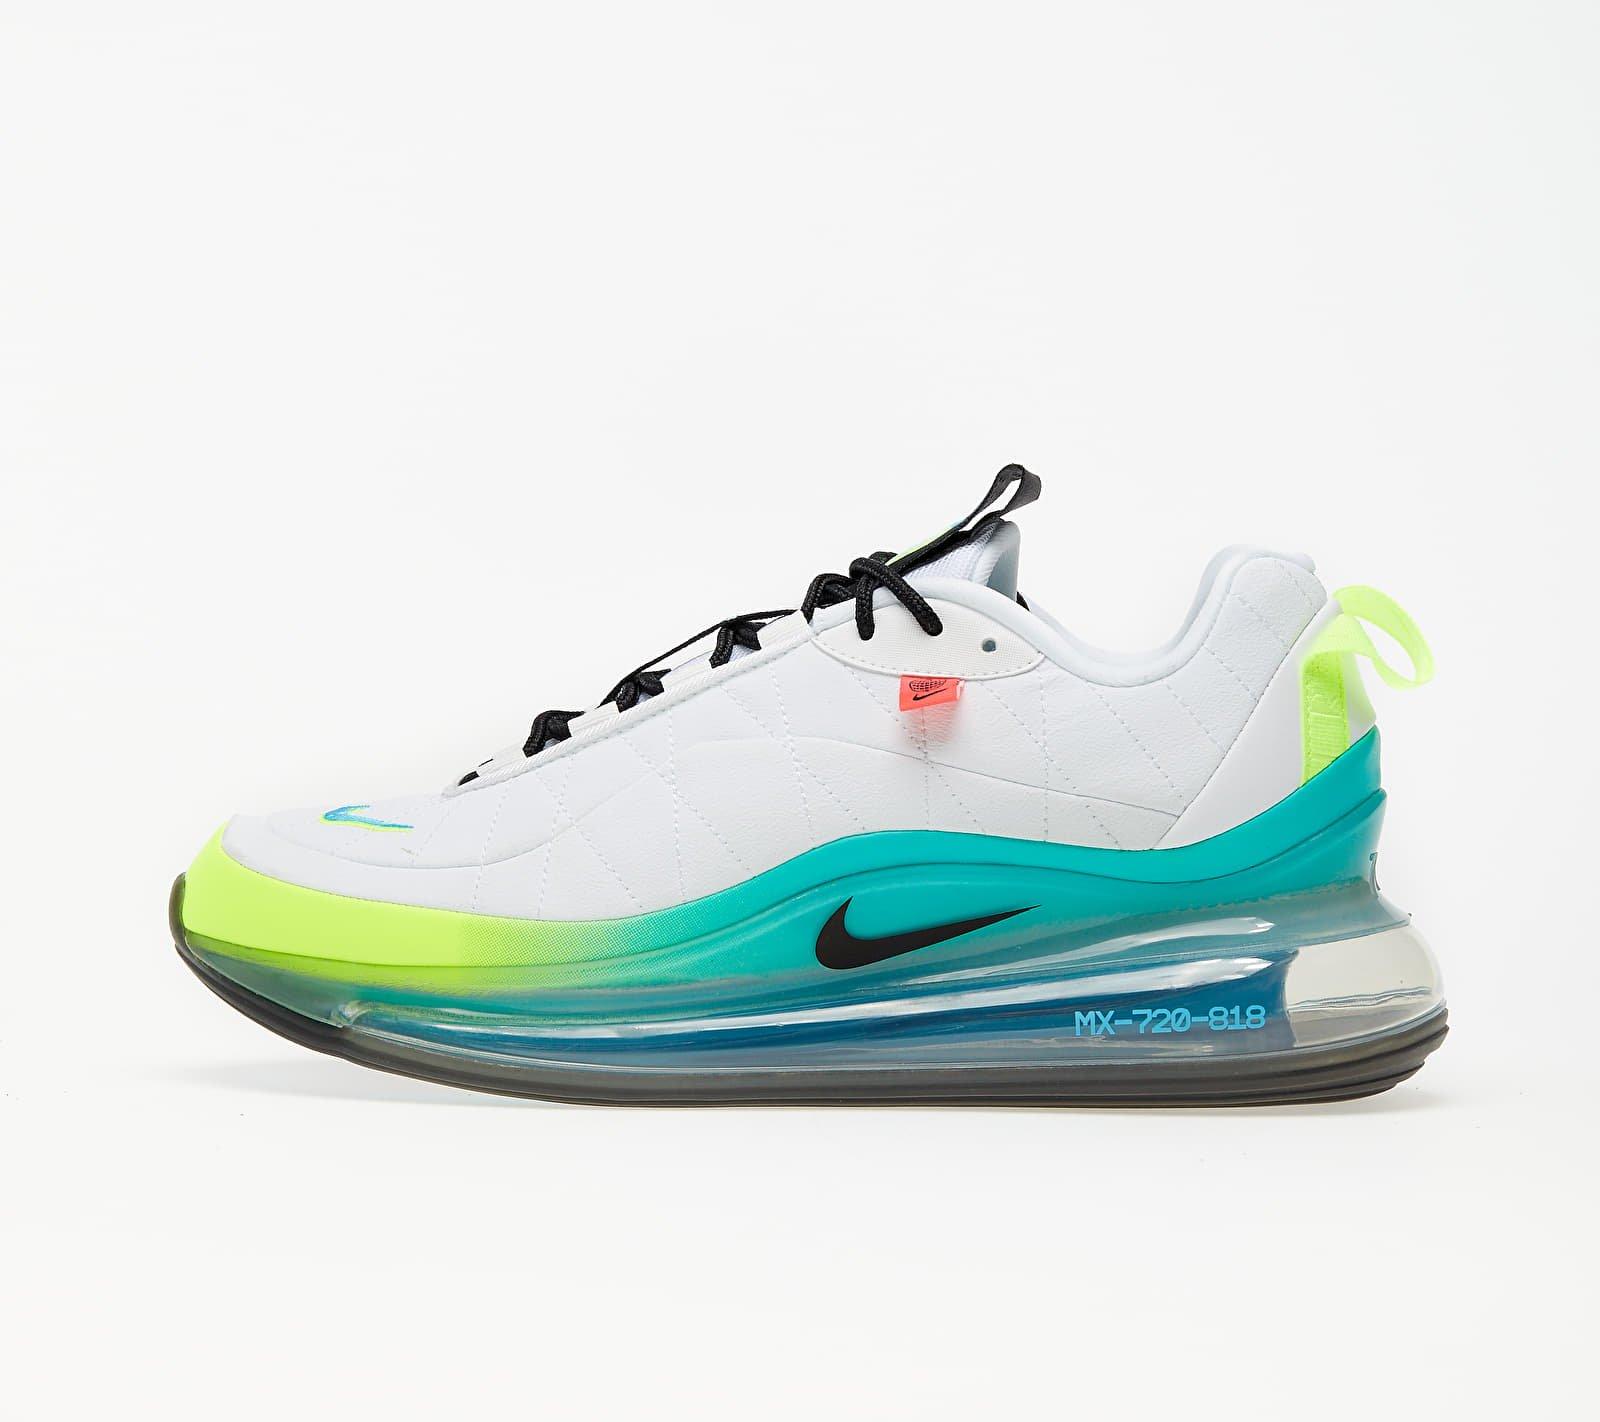 Nike MX-720-818 White/ Black-Blue Fury-Volt EUR 42.5